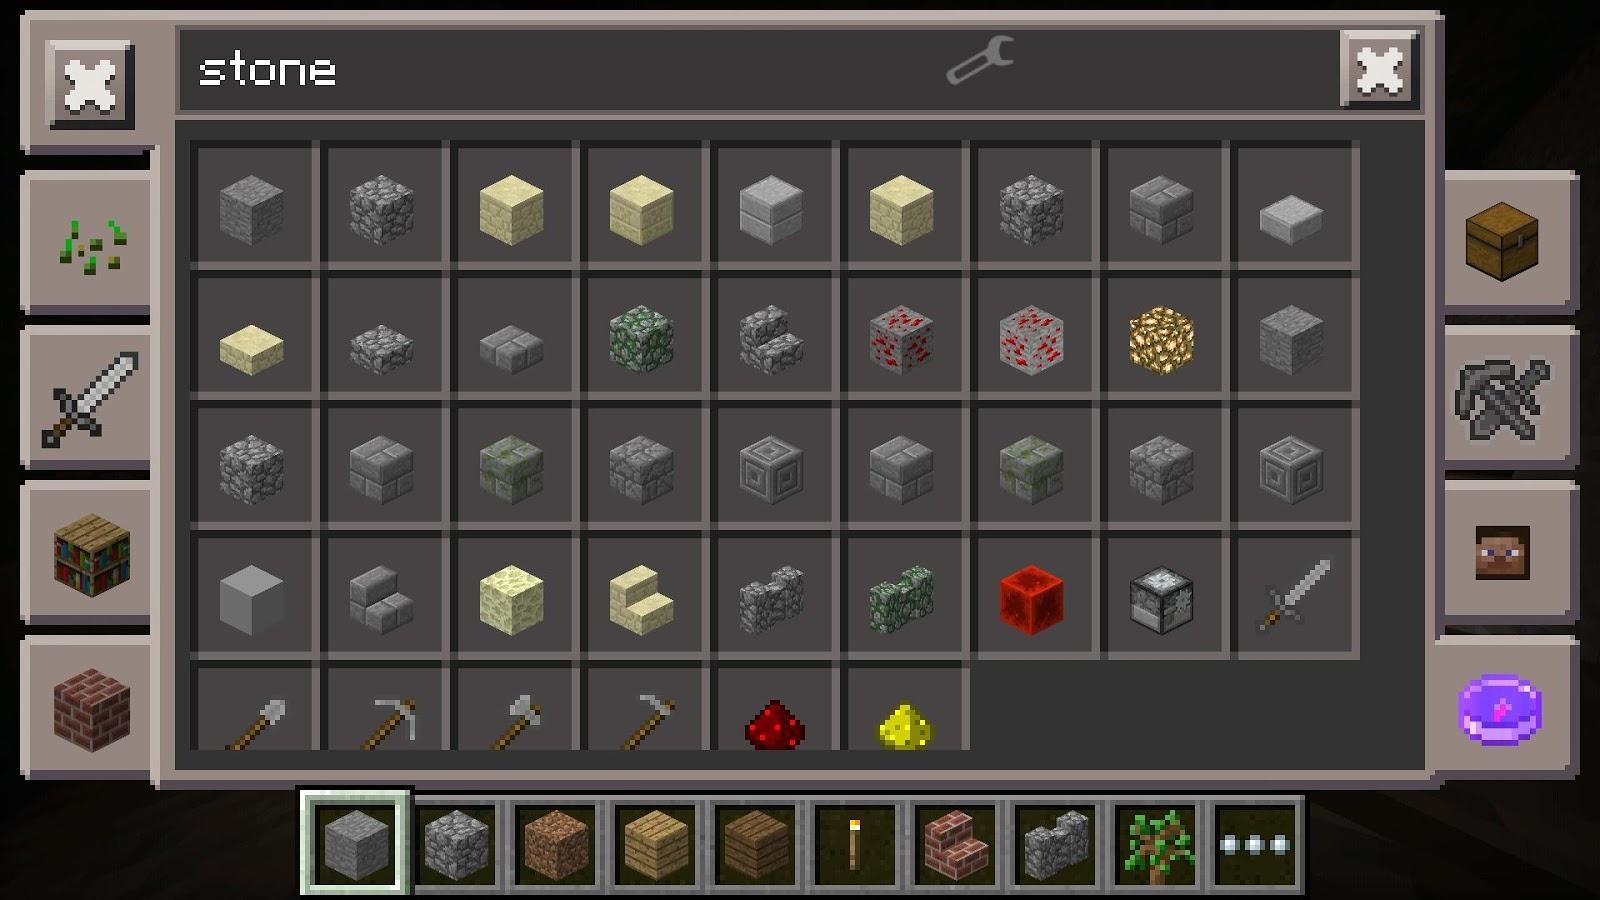 minecraft pe 1.0 apk descargar